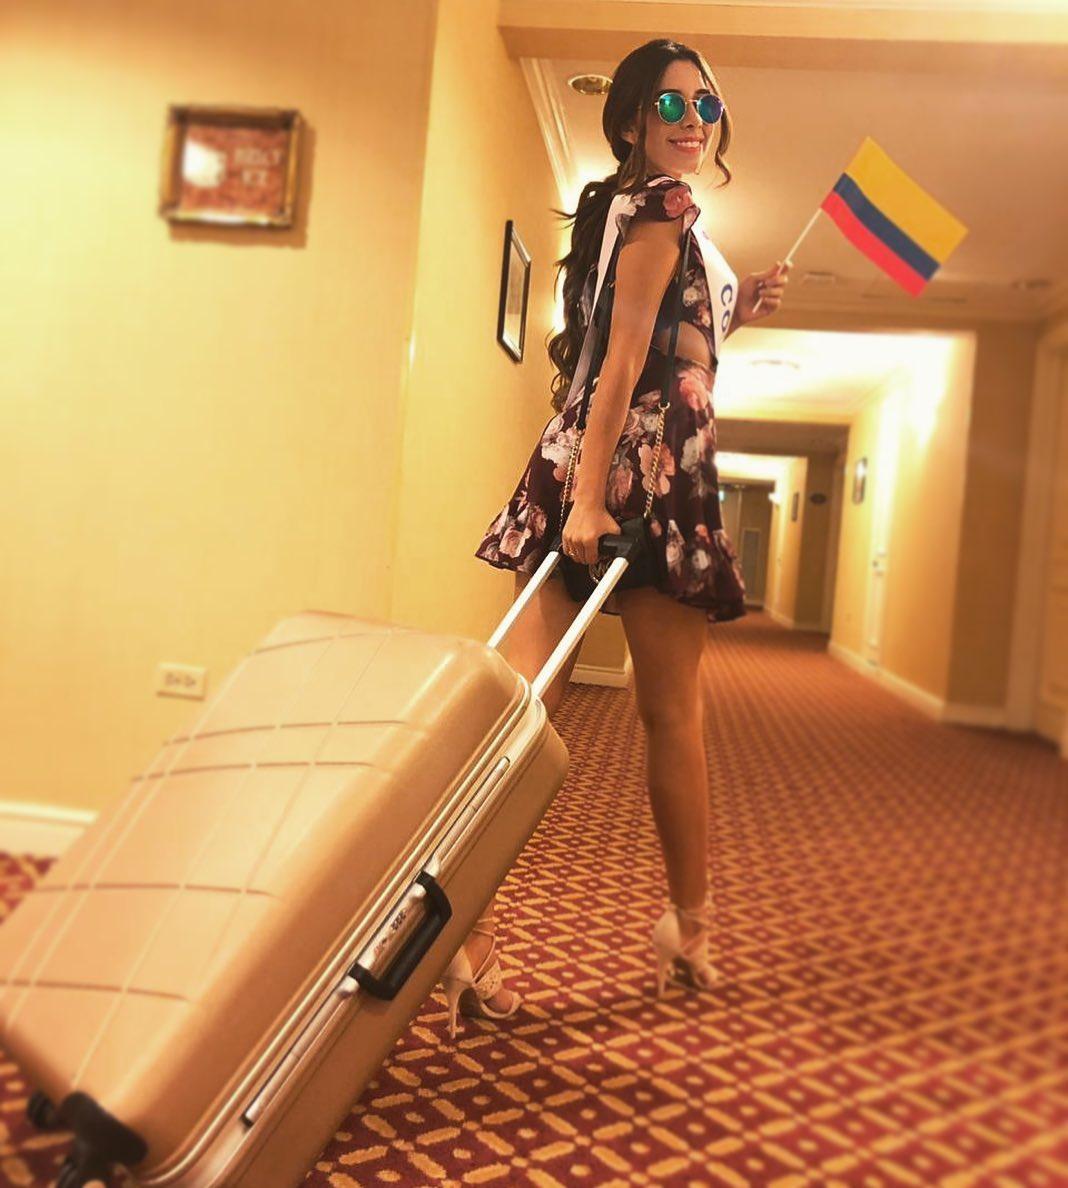 maya mejia ospina, miss teen mundial colombia 2019. - Página 2 59805310